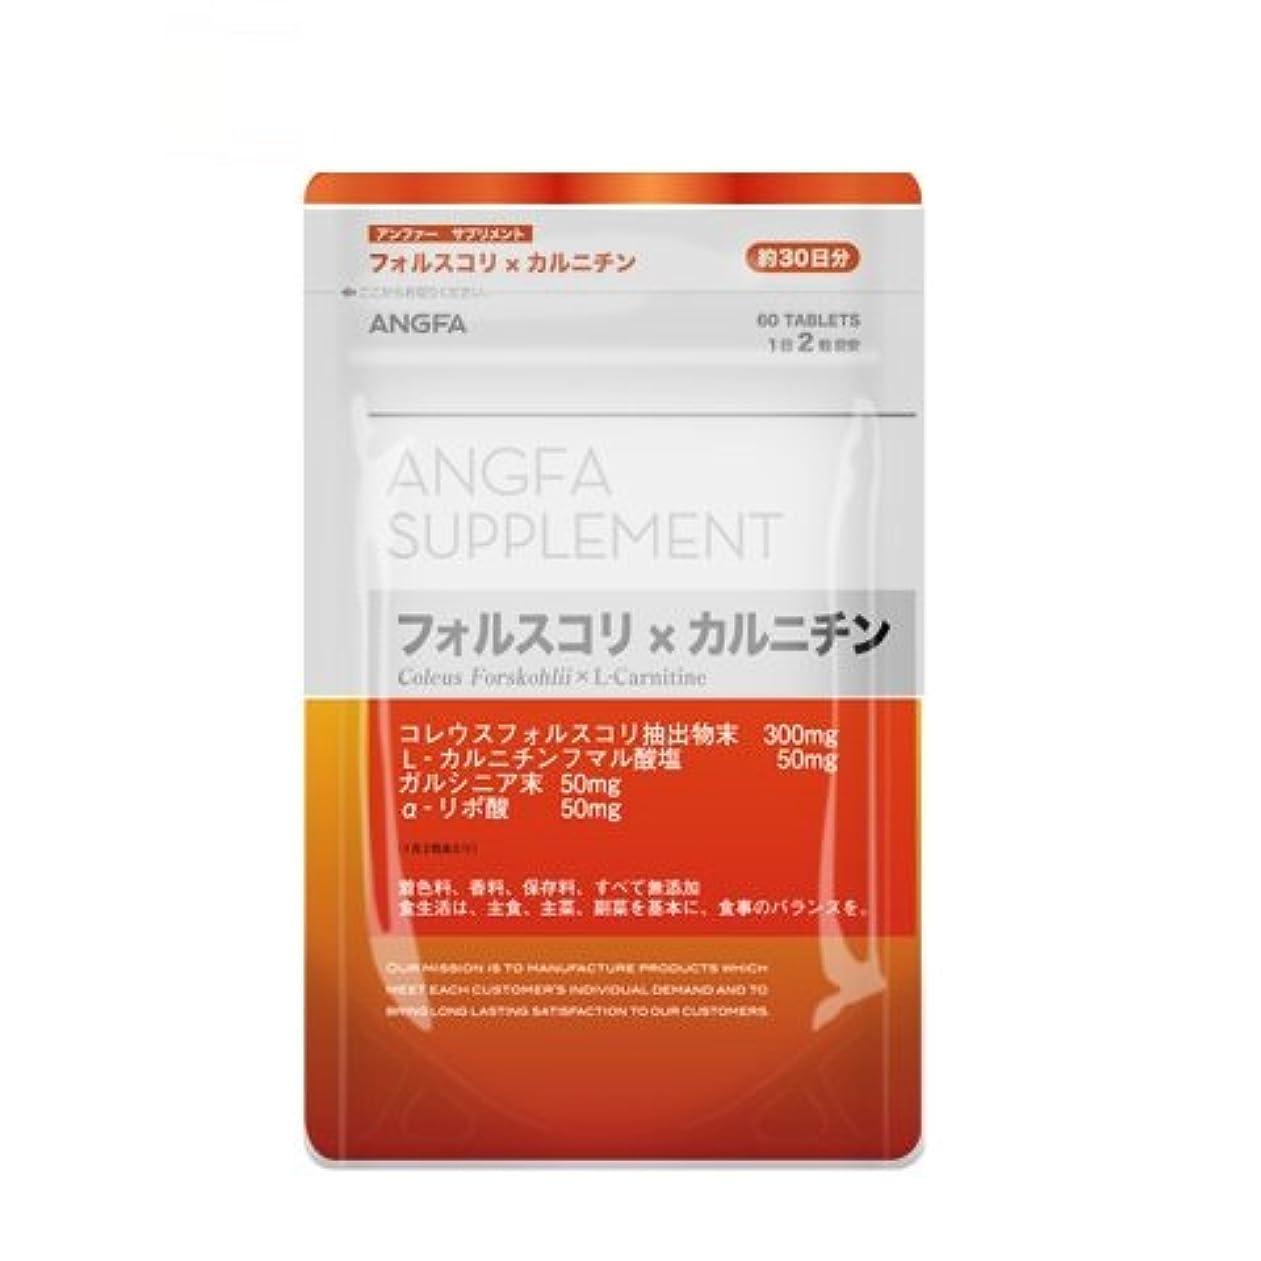 ポジション西部より良いアンファー (ANGFA) サプリメント フォルスコリ×カルニチン 60粒